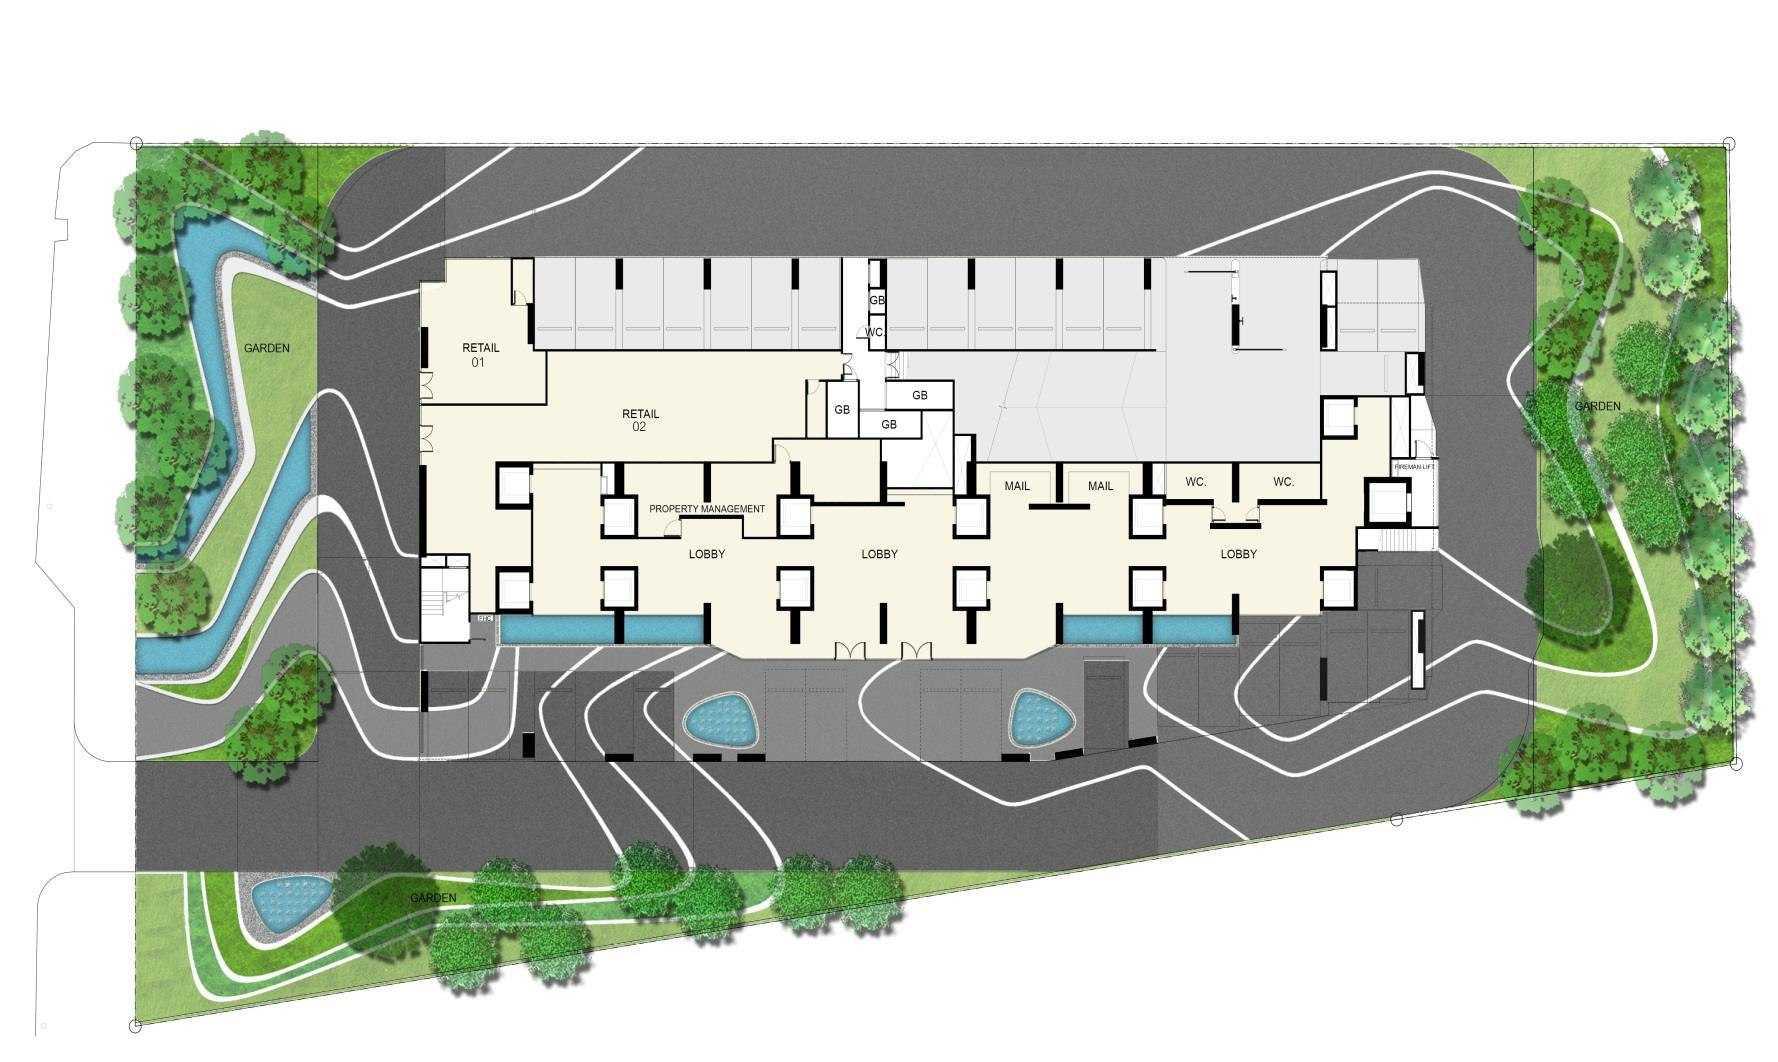 Ideo-Q-Siam-site-plan